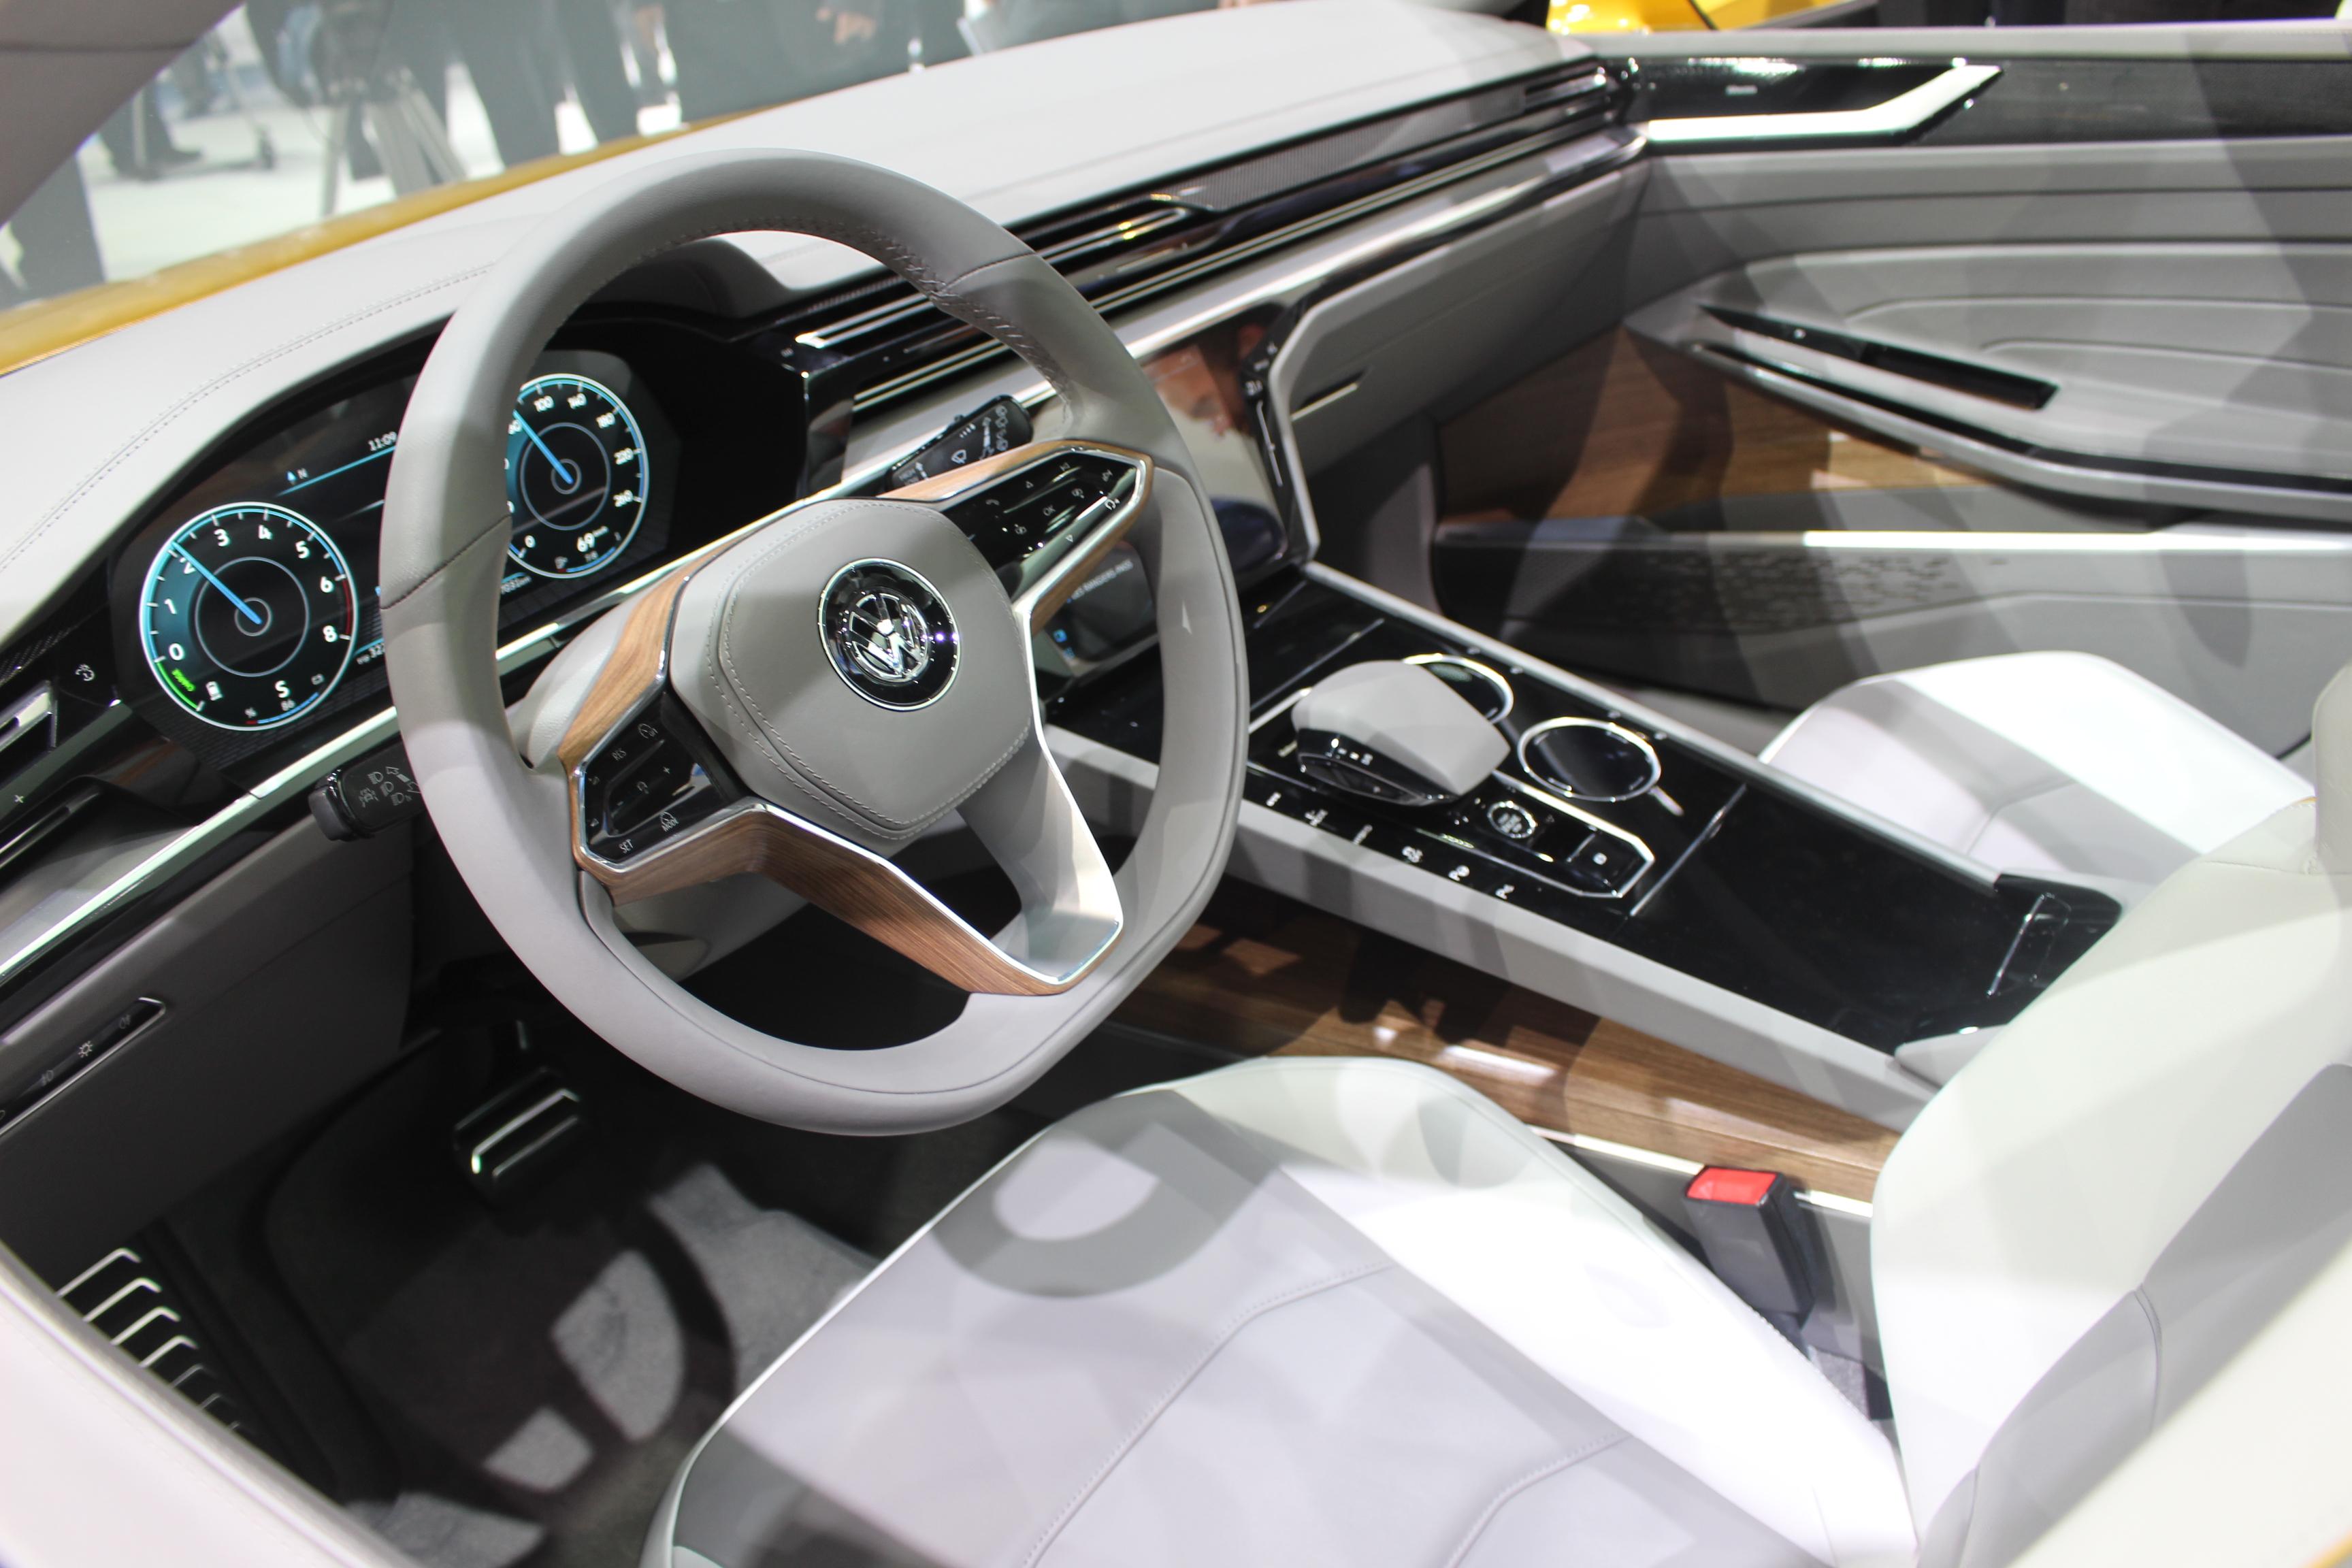 volkswagen sport coup gte concept l 39 avenir en direct du salon de gen ve 2015. Black Bedroom Furniture Sets. Home Design Ideas